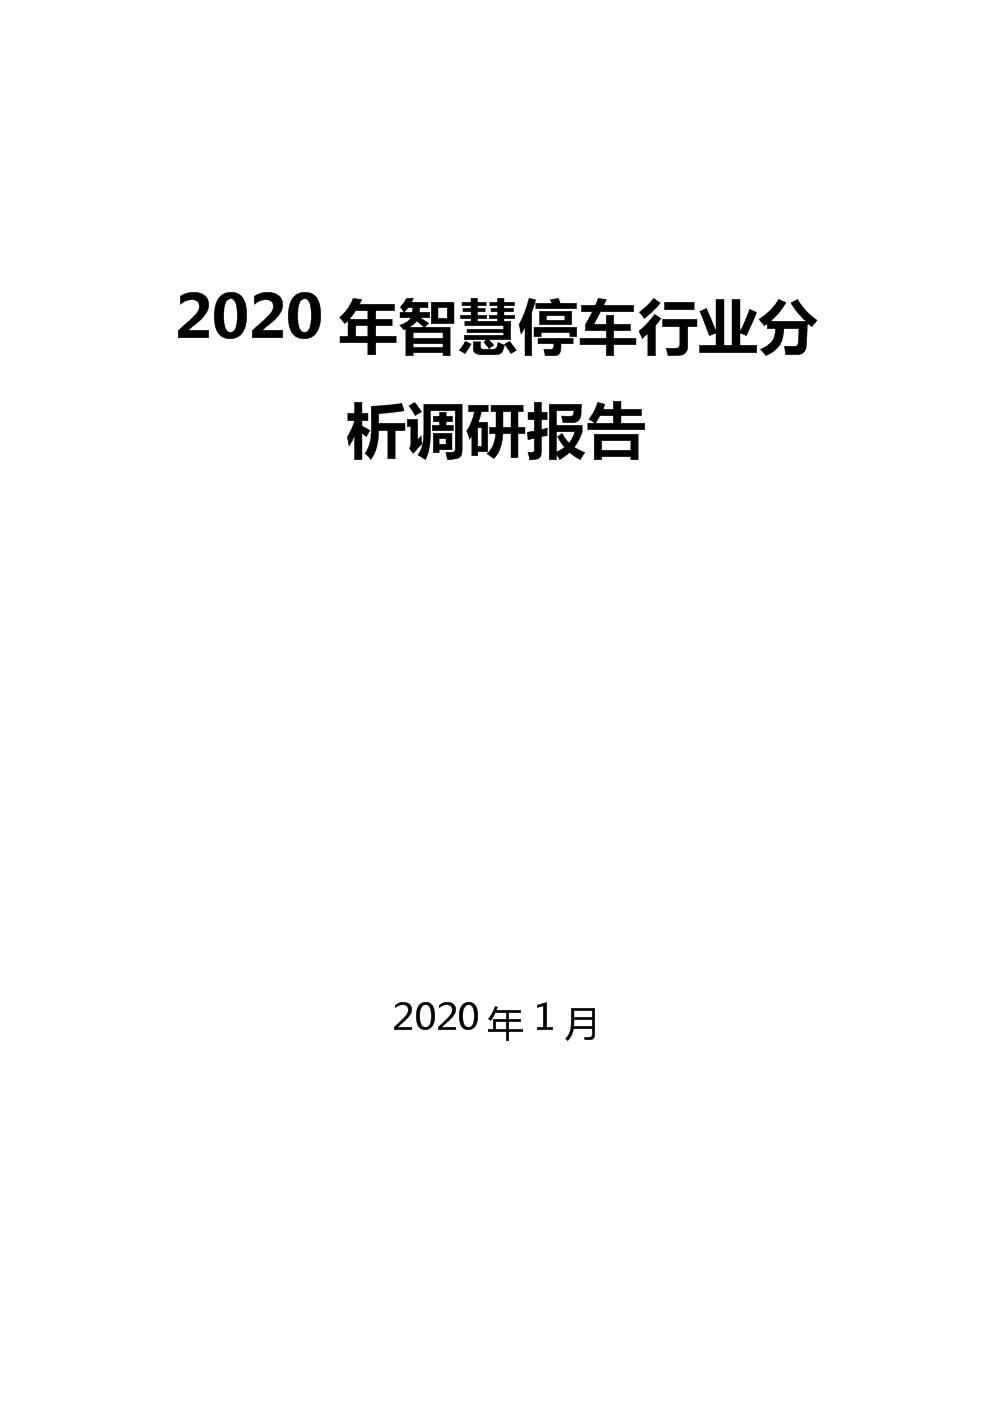 2020智慧停车行业分析调研.docx